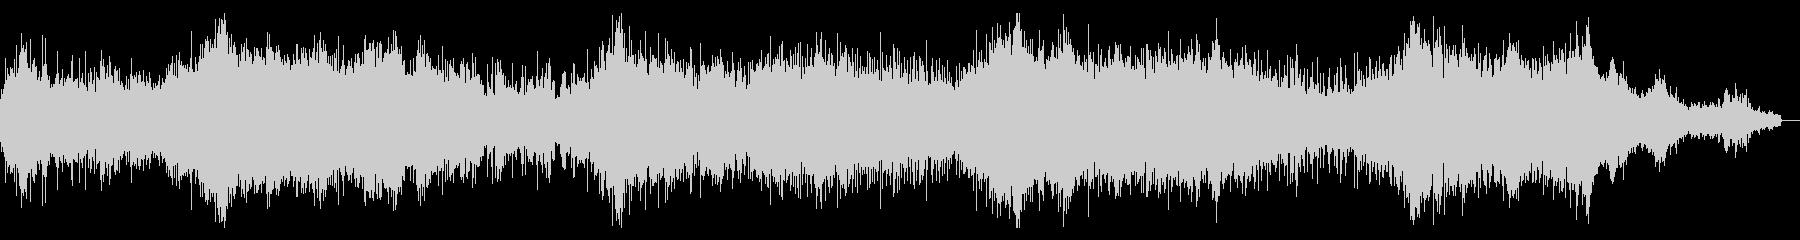 エピックダークなアンビエントテクスチャの未再生の波形